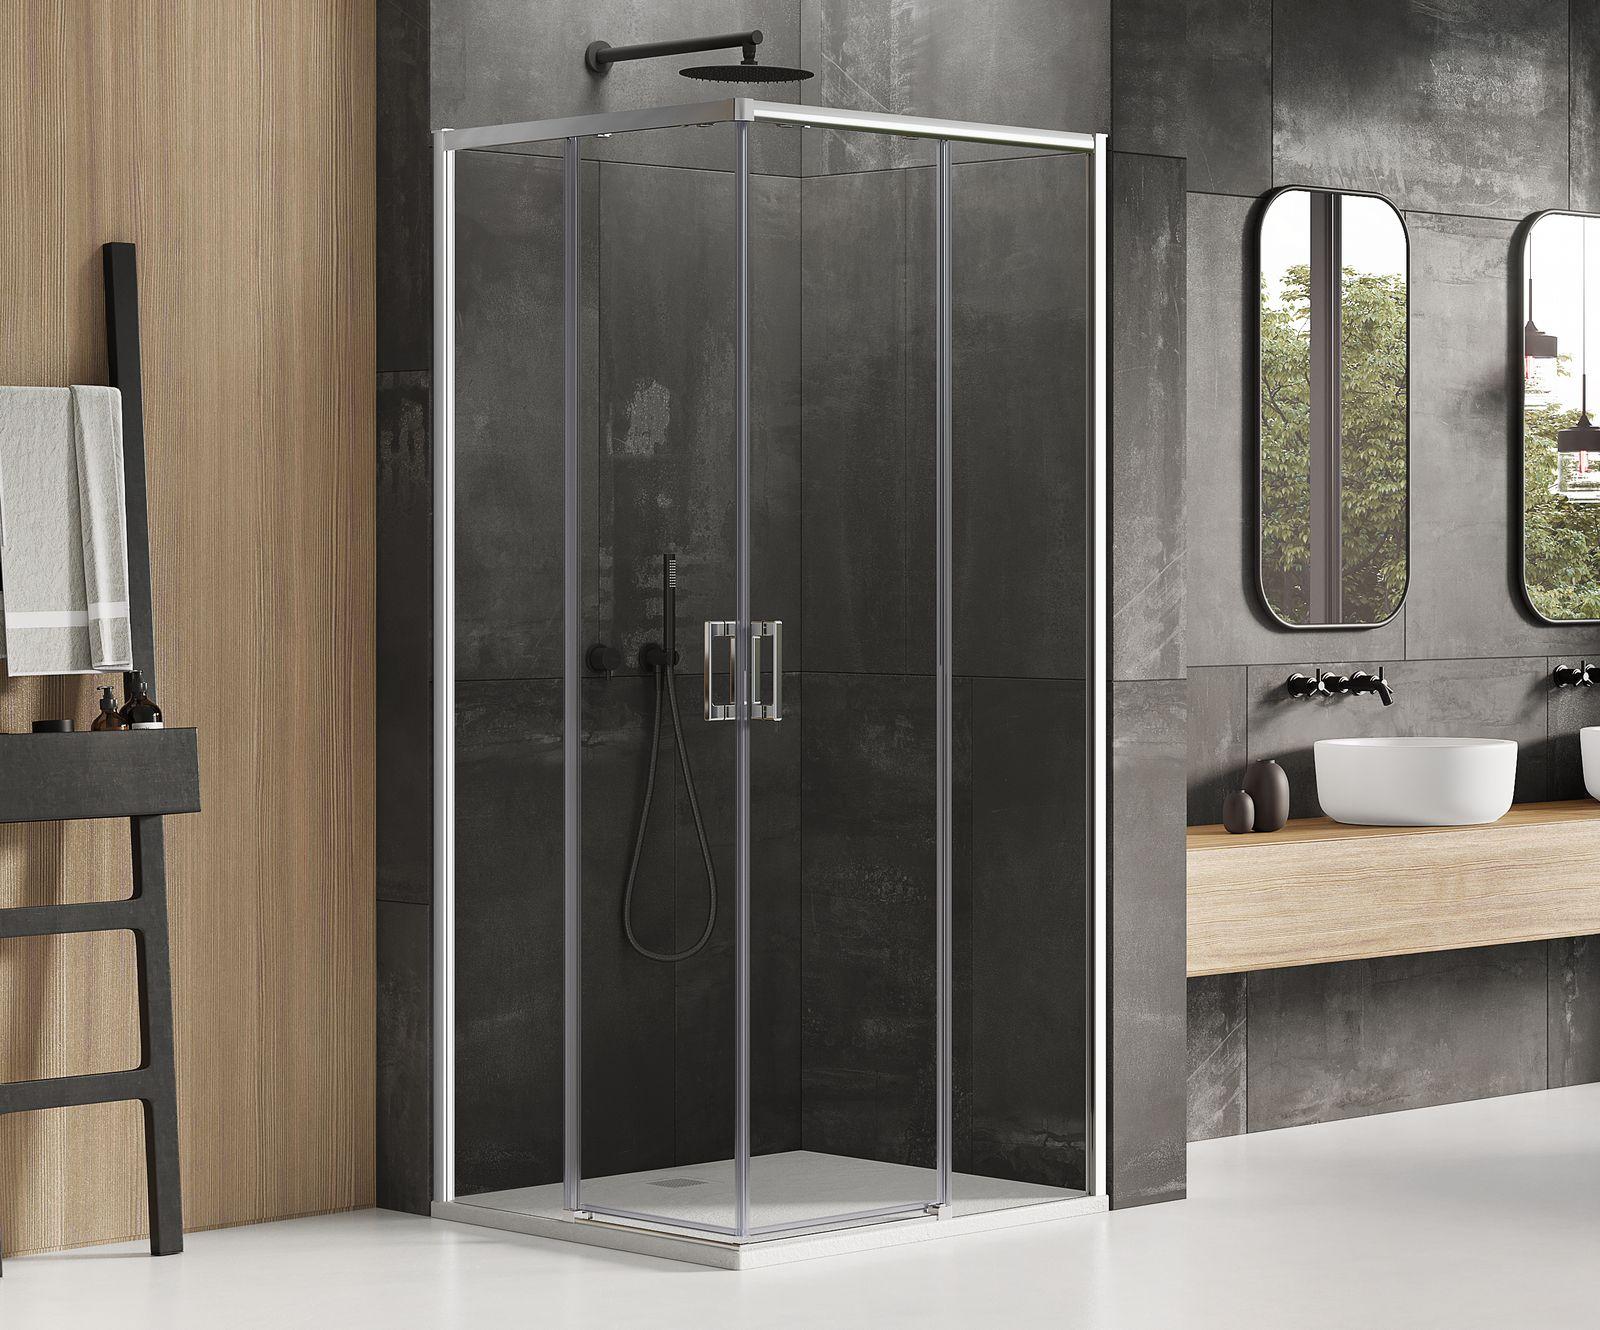 Kabina prysznicowa Prime New Trendy z drzwiami rozsuwanymi